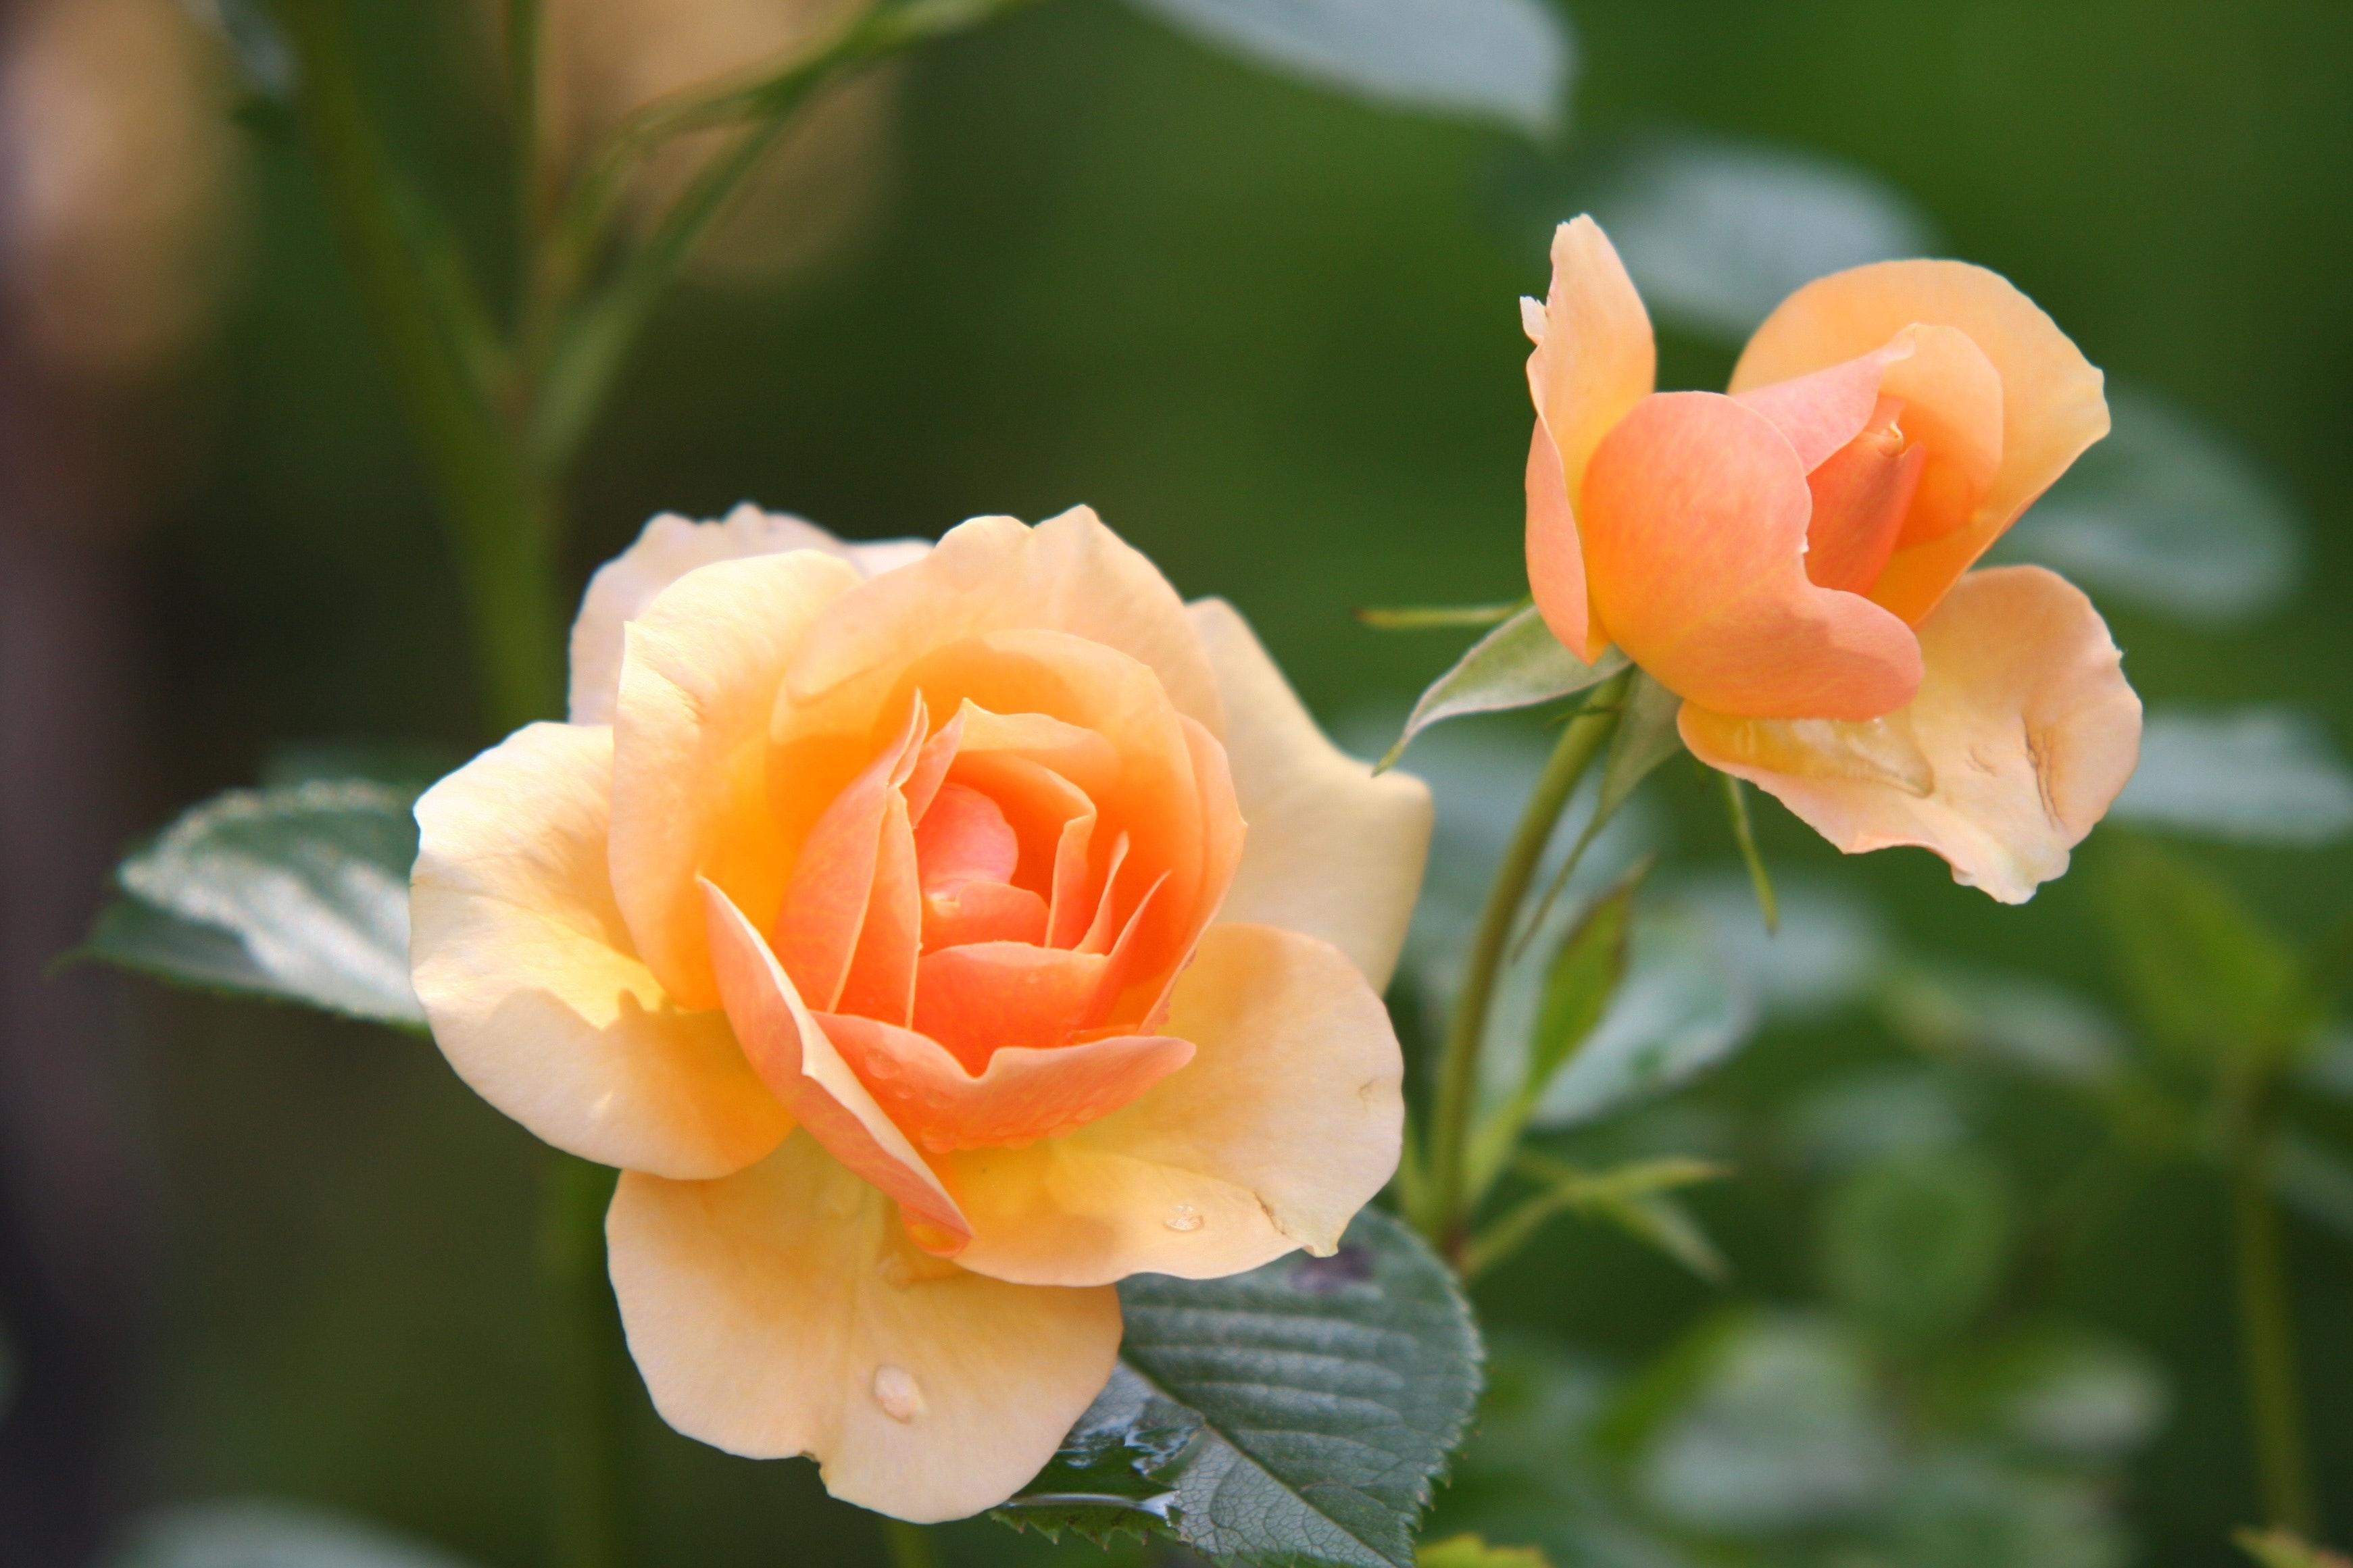 orange rose flower in bloom during daytime · free stock photo